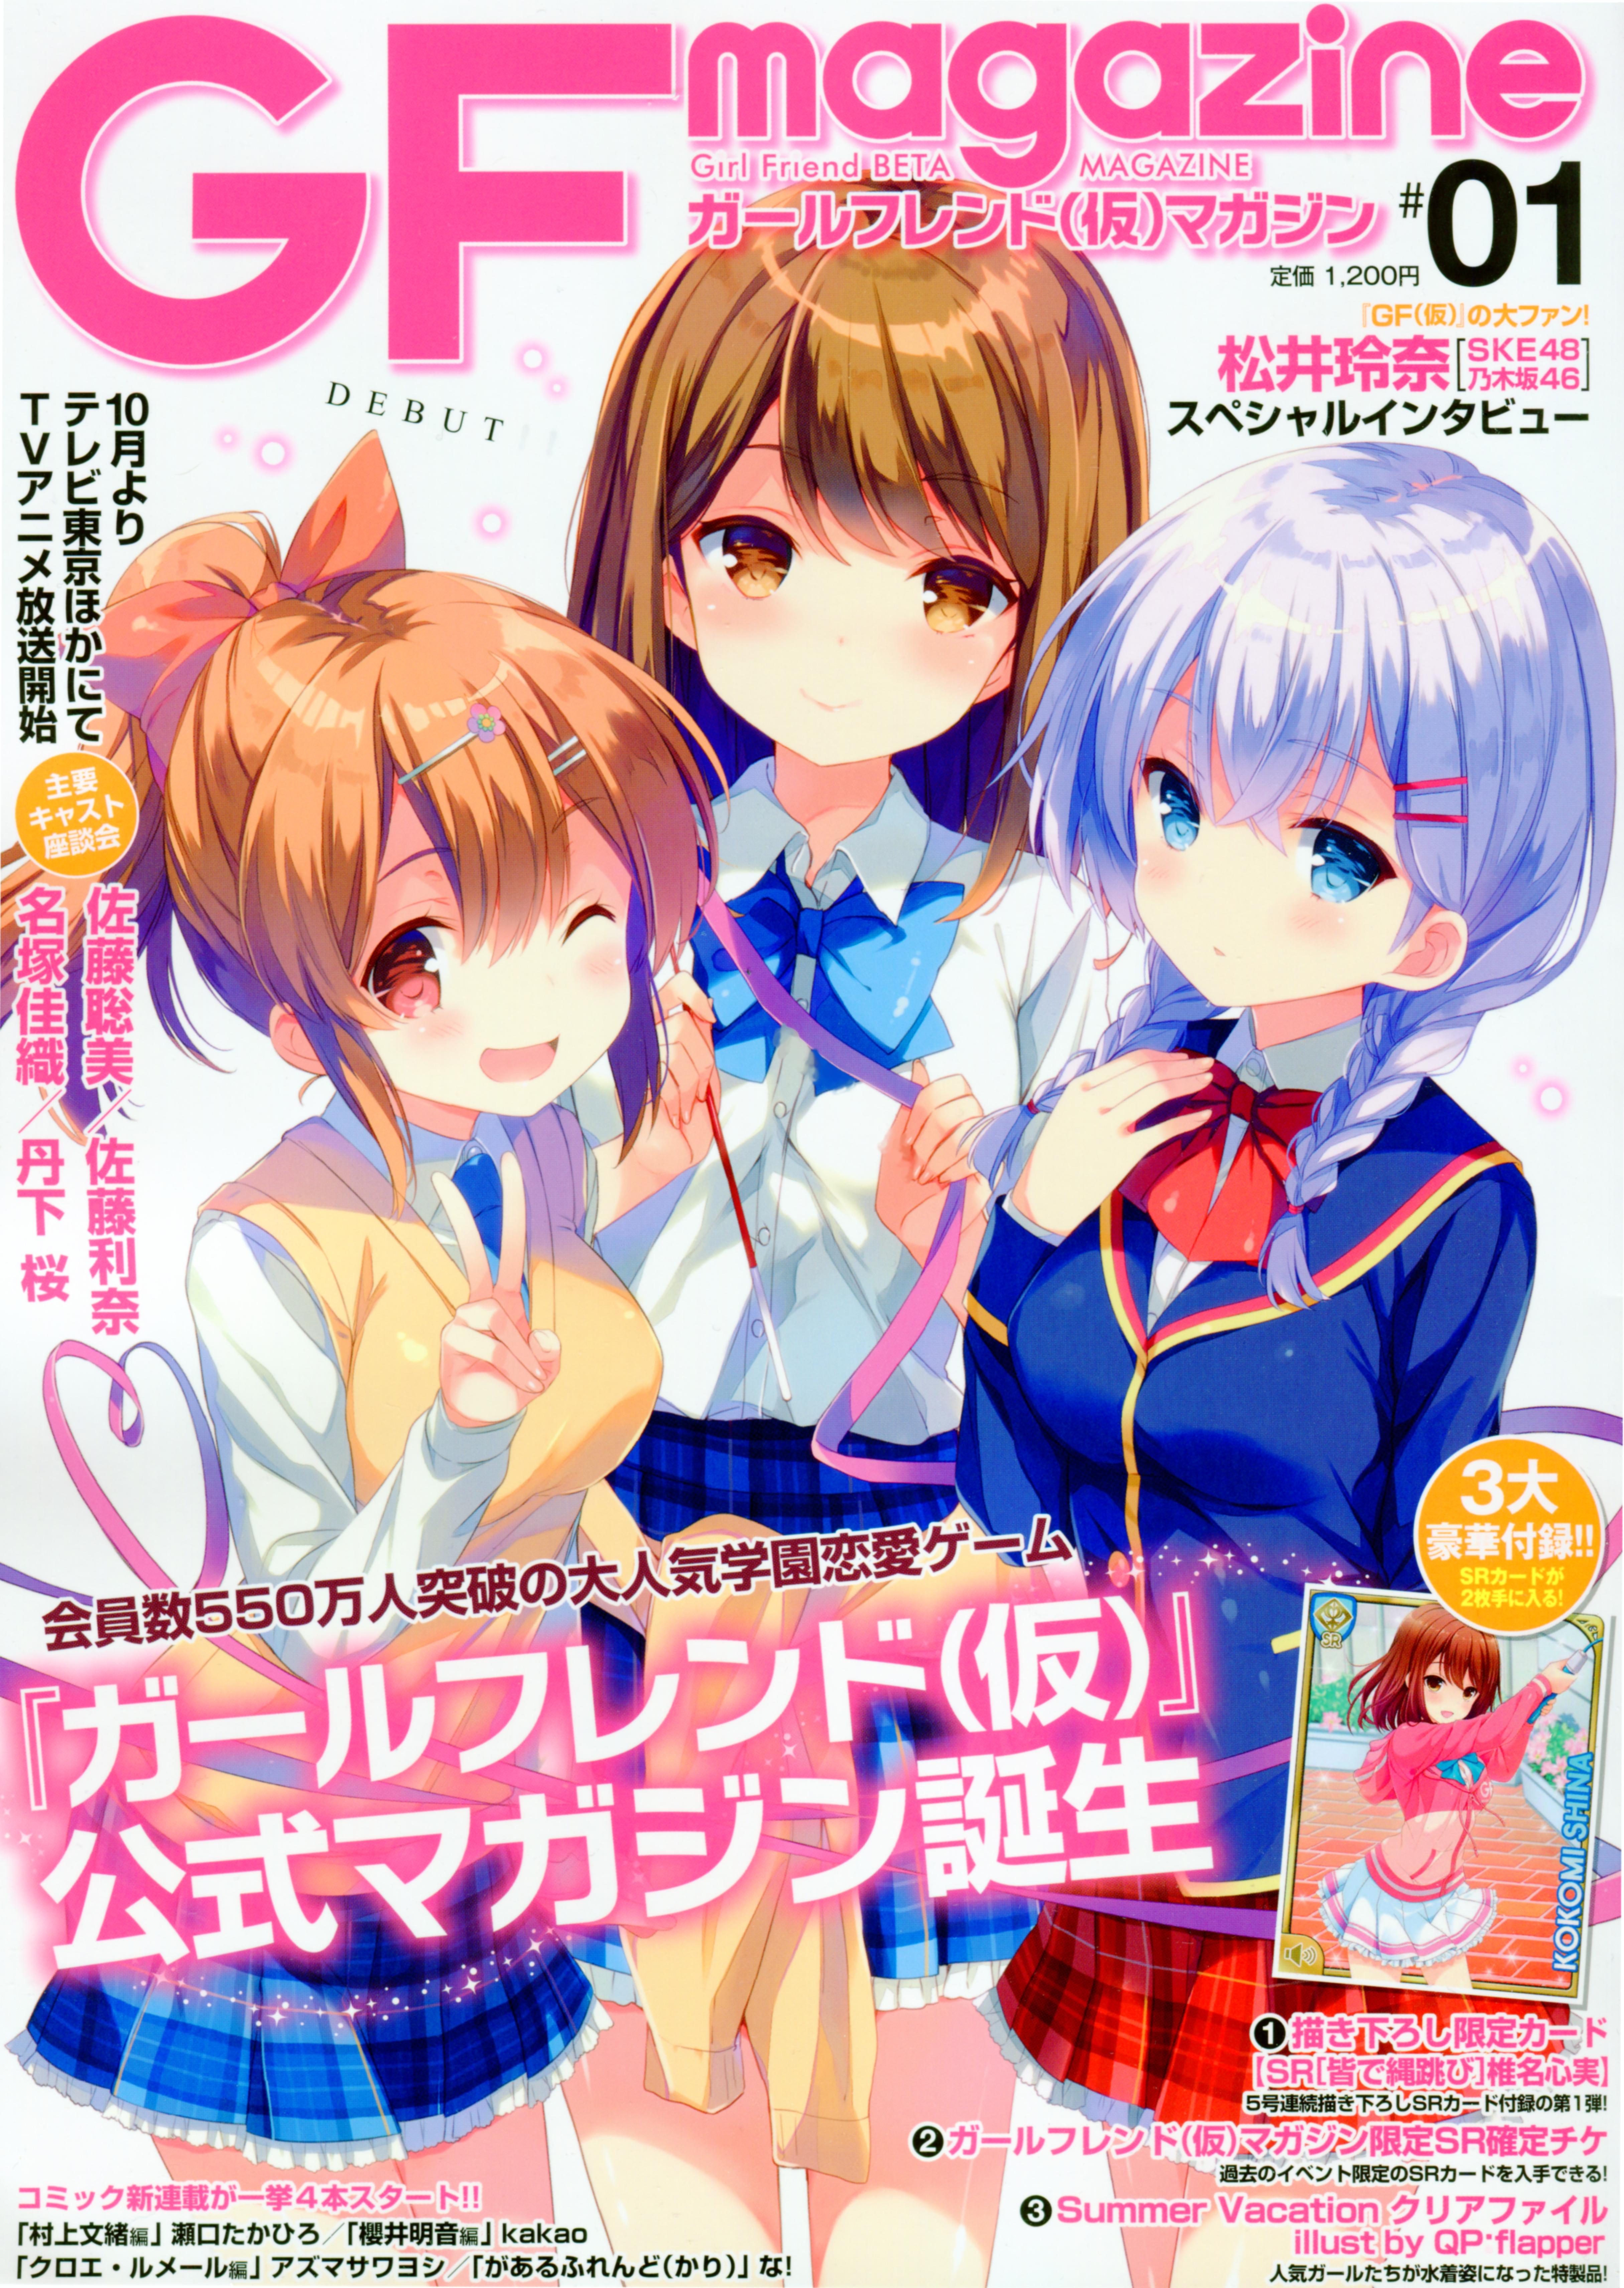 Girlfriend (Kari) Pics, Anime Collection